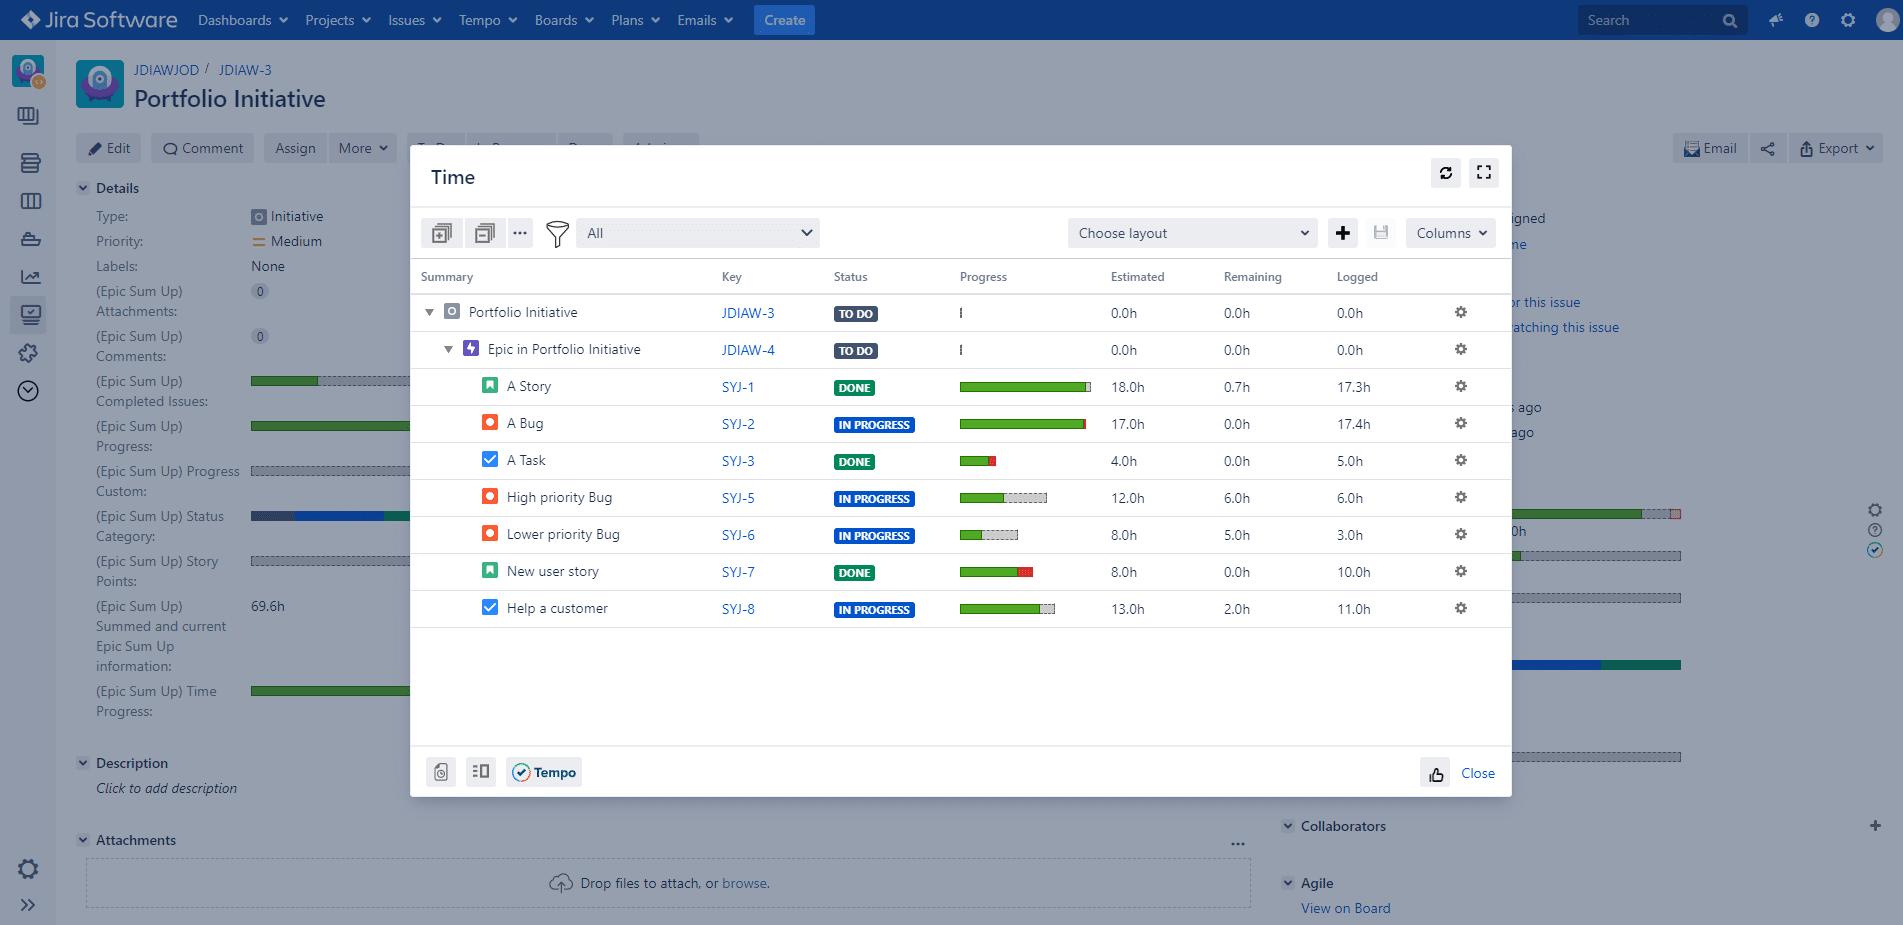 Epic Sum Up 3.6: Portfolio support, Tempo report call, J8.9